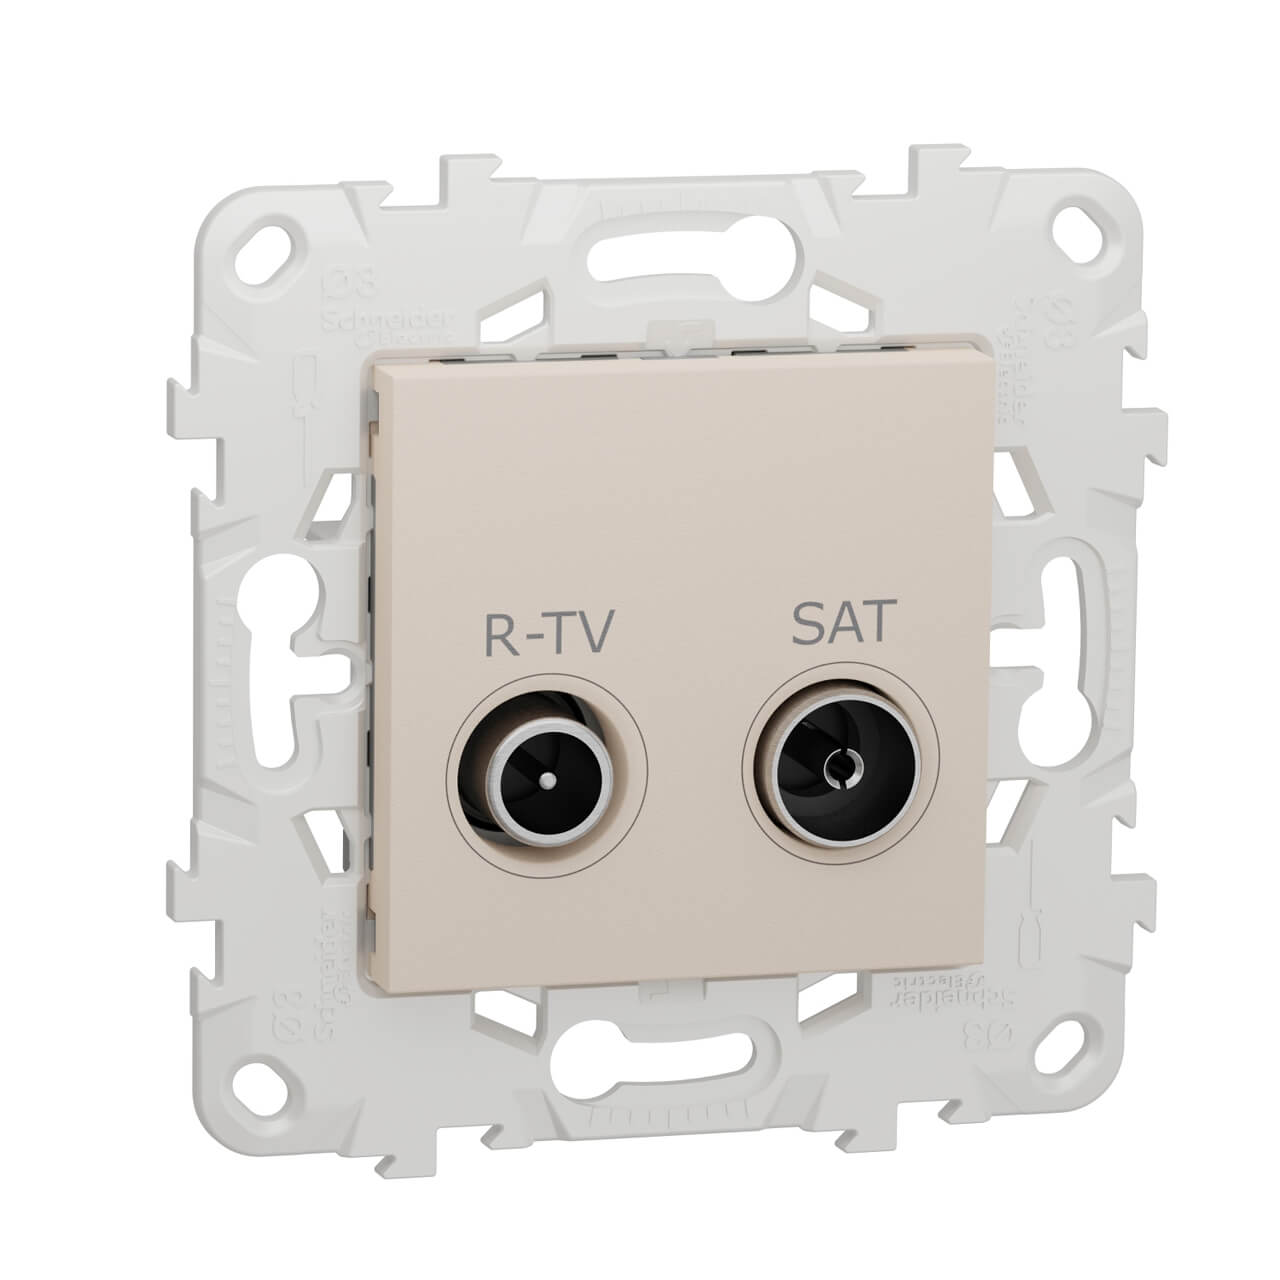 Розетка R-TV/SAT одиночная Schneider Electric Unica New NU545444